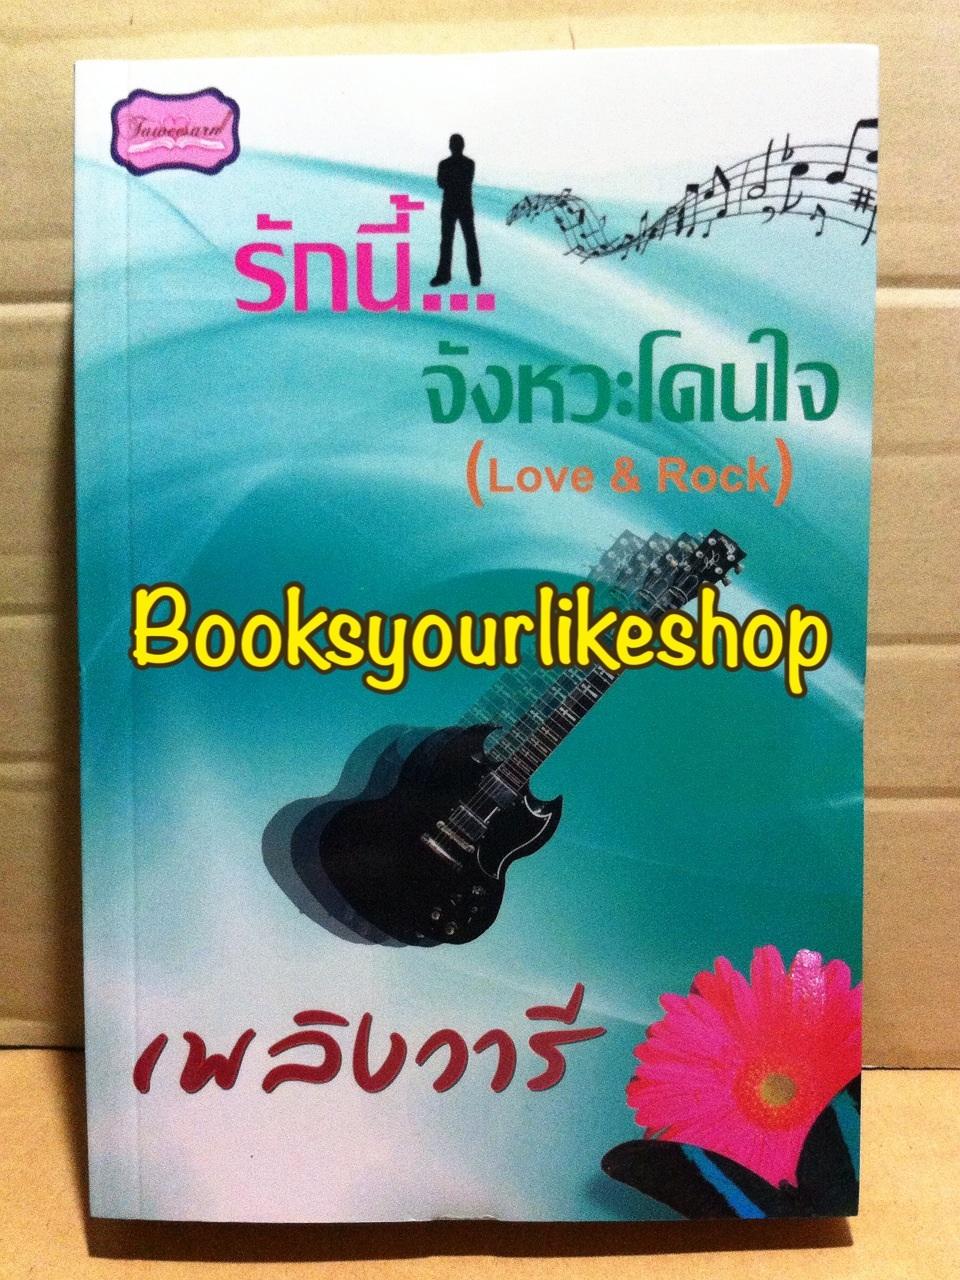 โปรส่งฟรี Love & Rock รักนี้จังหวะโดนใจ ( ภาคต่อ พาย ) / เพลิงวารี สนพ.ทวีสาสน์ หนังสือใหม่*** สนุกค่า ***